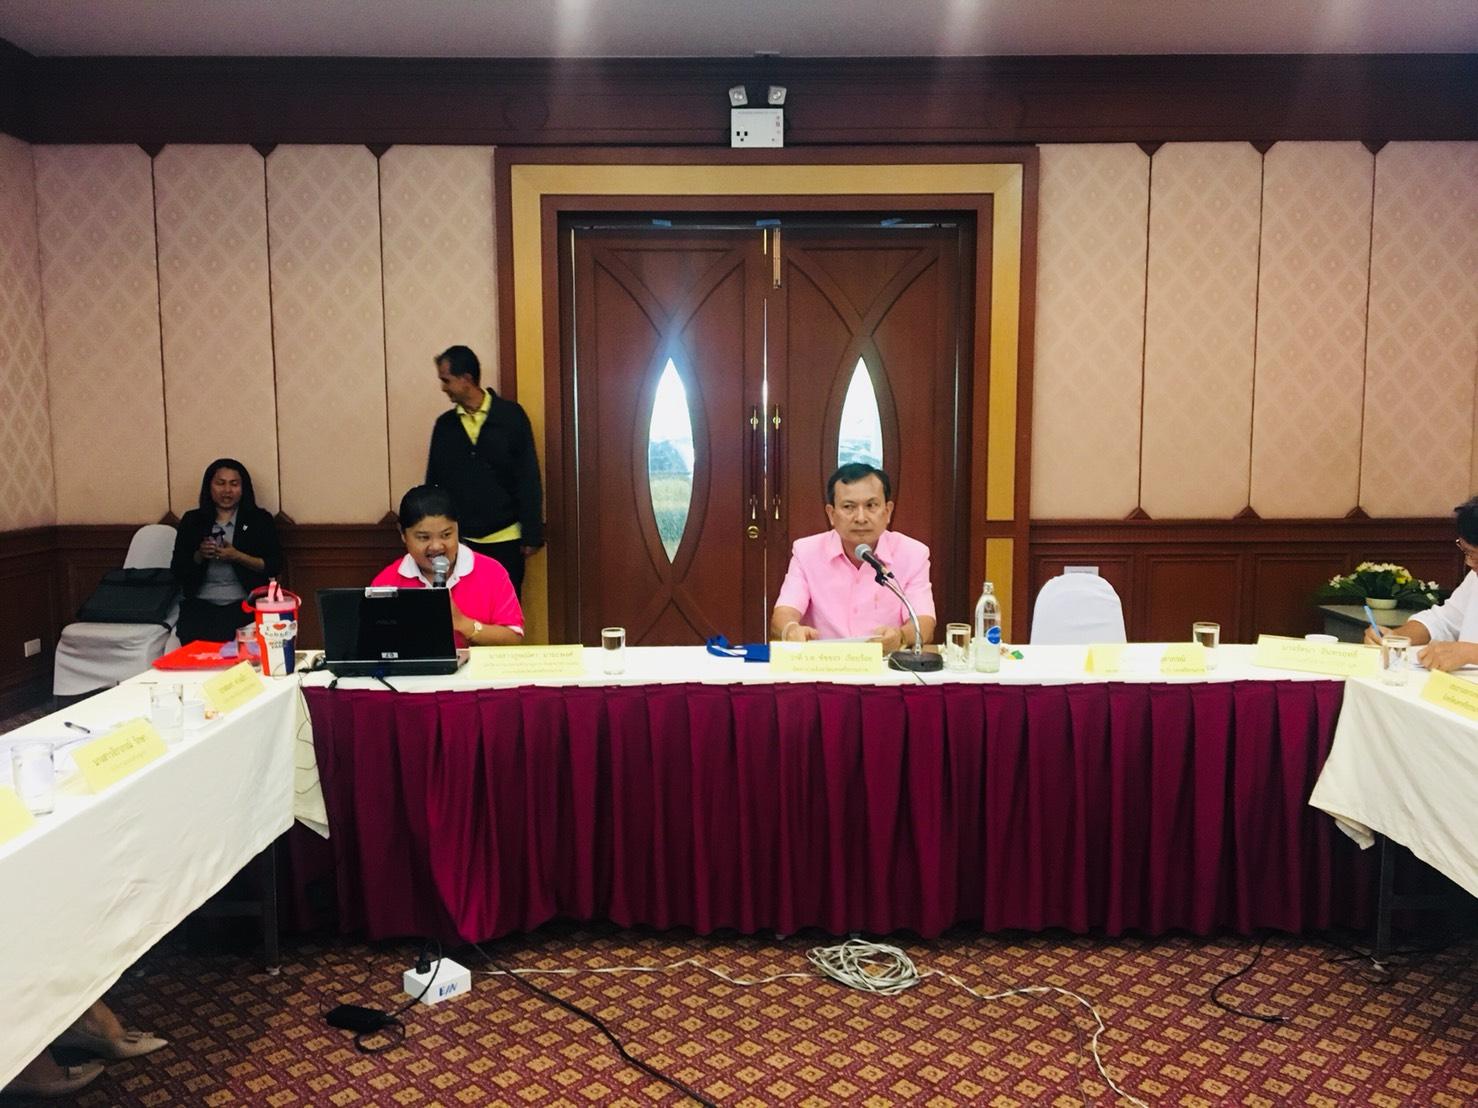 ร่วมประชุมเชิงปฏิบัติการเพื่อจัดทำแผนปฏิบัติการ One Plan ตามนโยบายเน้นหนักฯ และแผนปฏิบัติการส่งเสริม